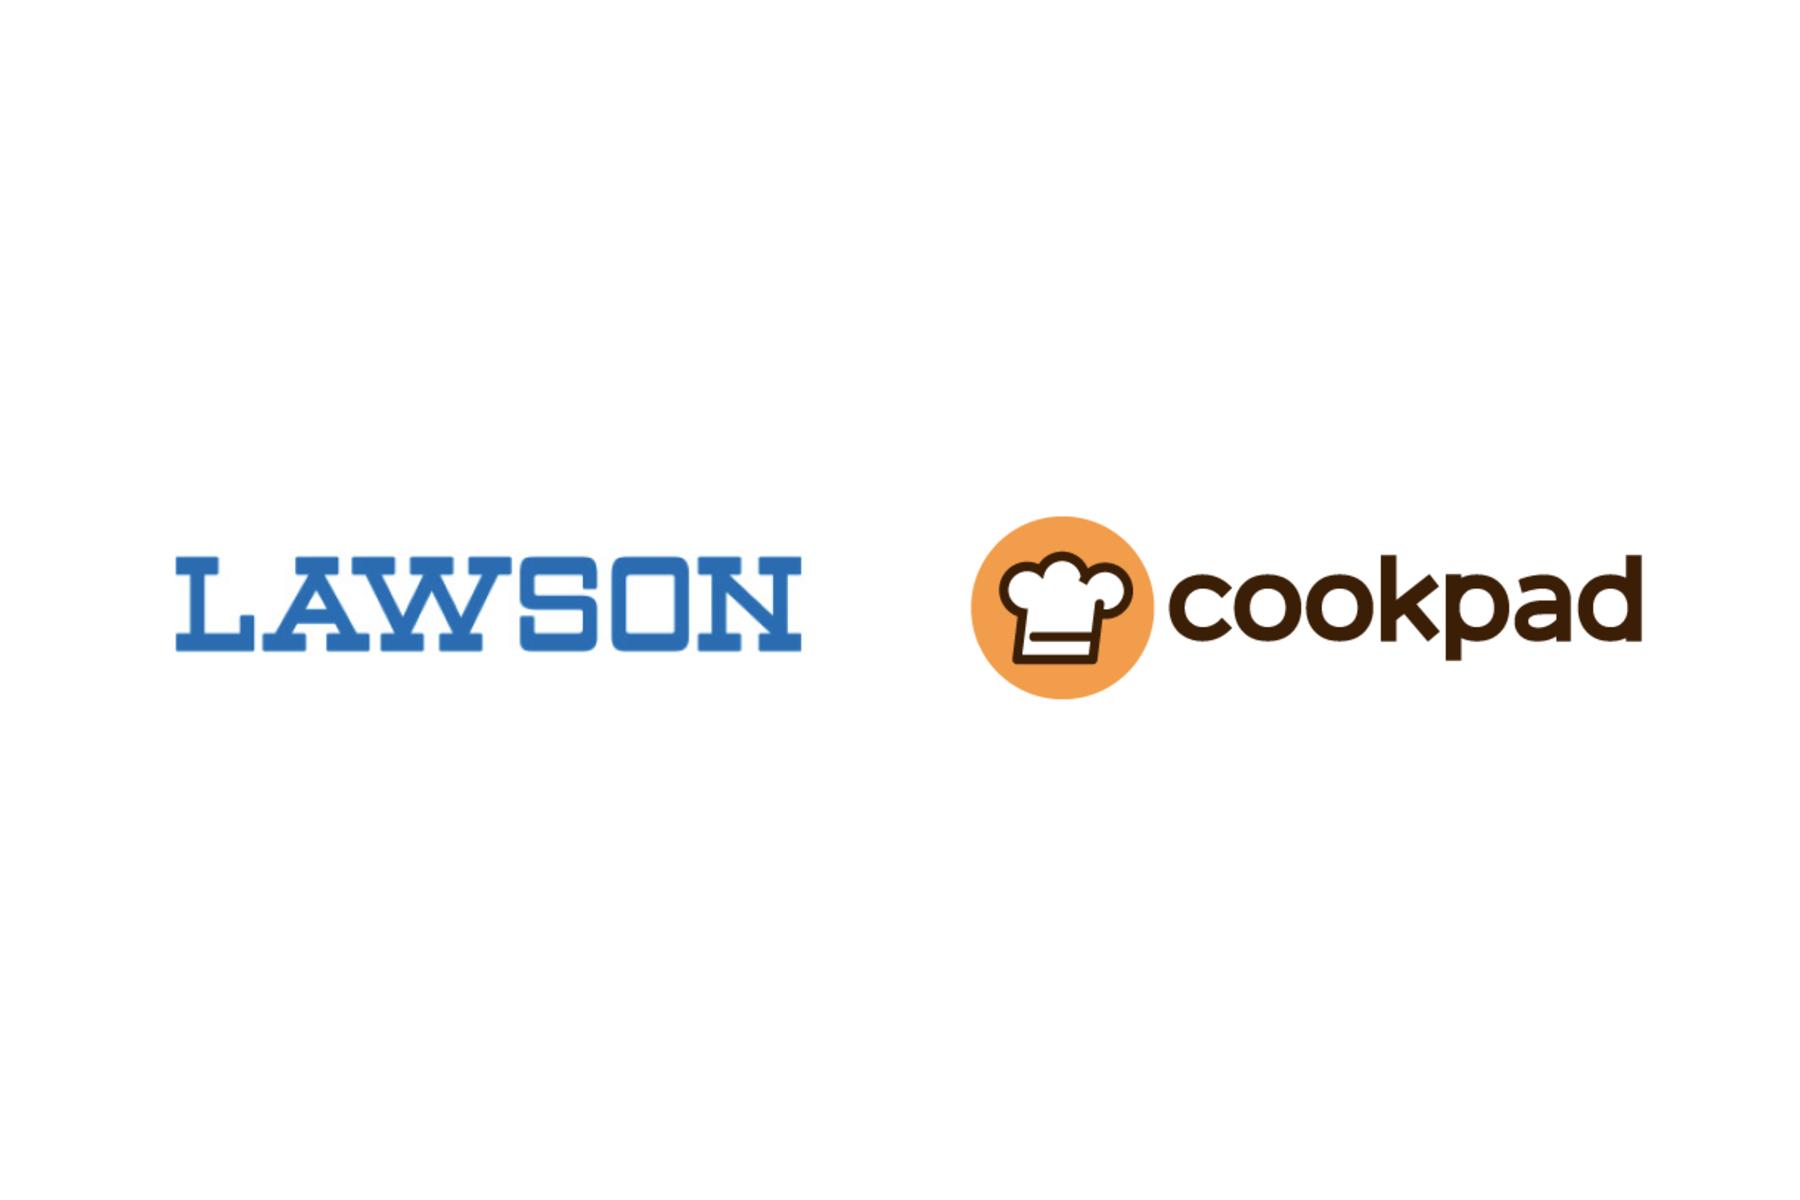 クックパッド×ローソン | 生鮮食品の販売を拡大〜「ローソン」での店舗受け取りと宅配サービスを開始〜